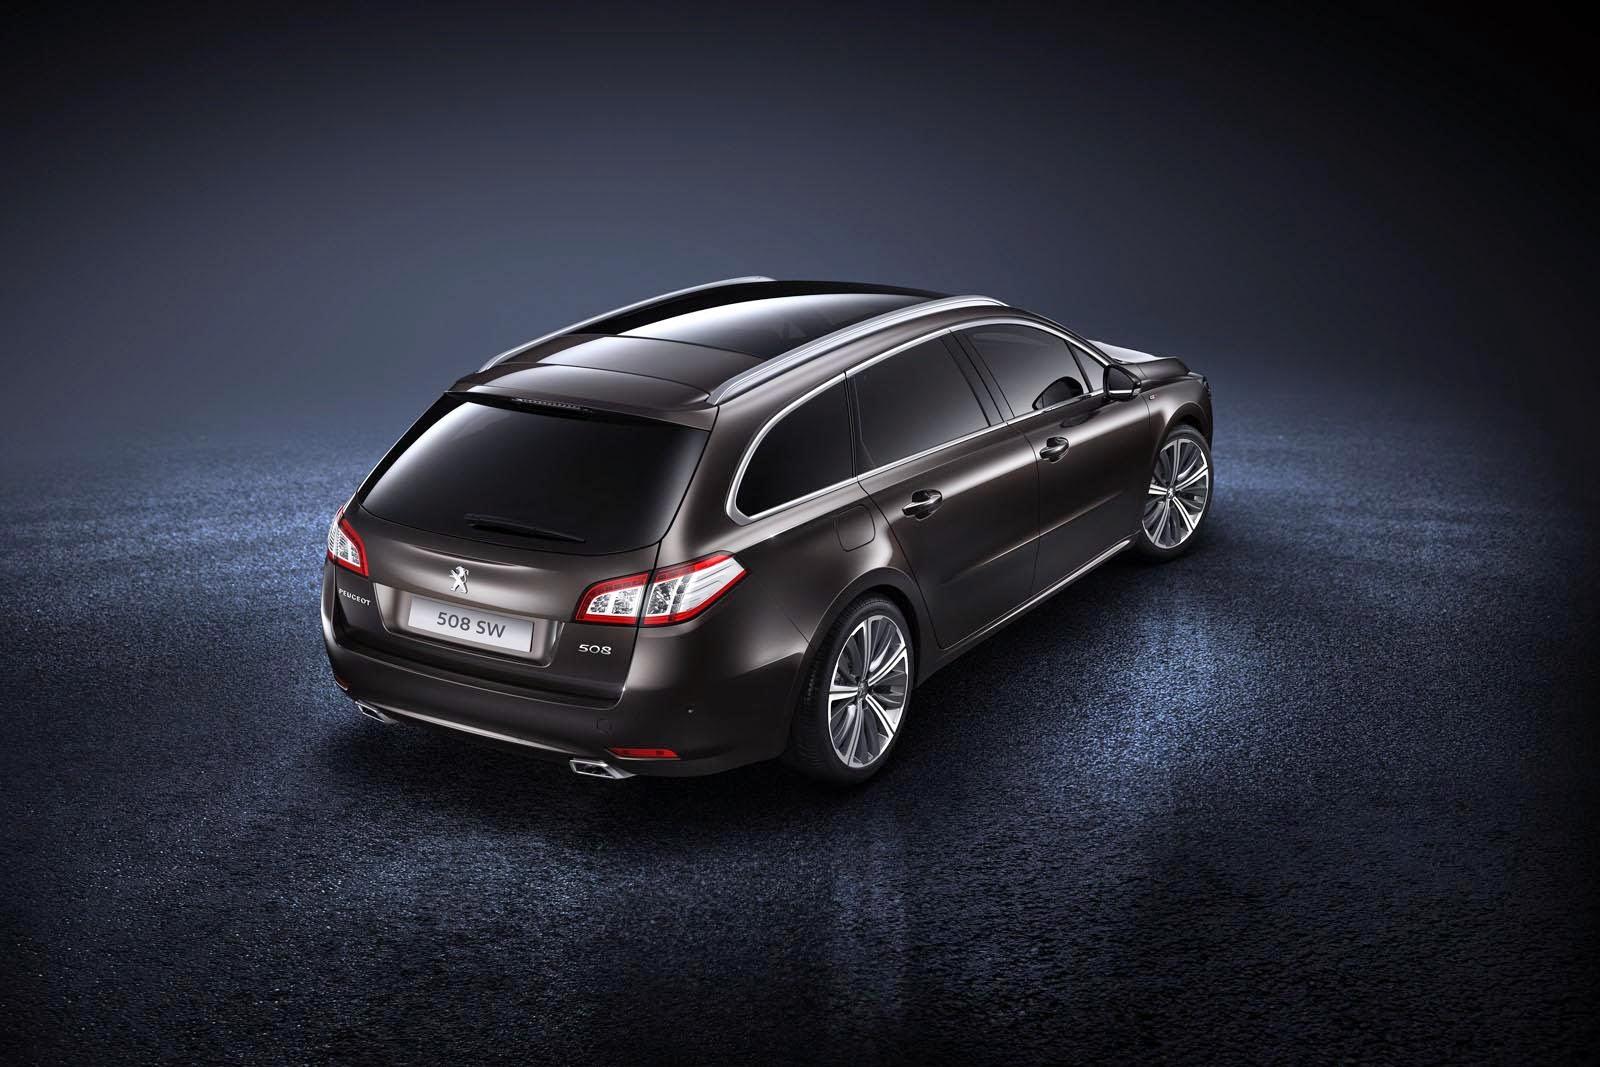 [Resim: Peugeot+508+3.jpg]